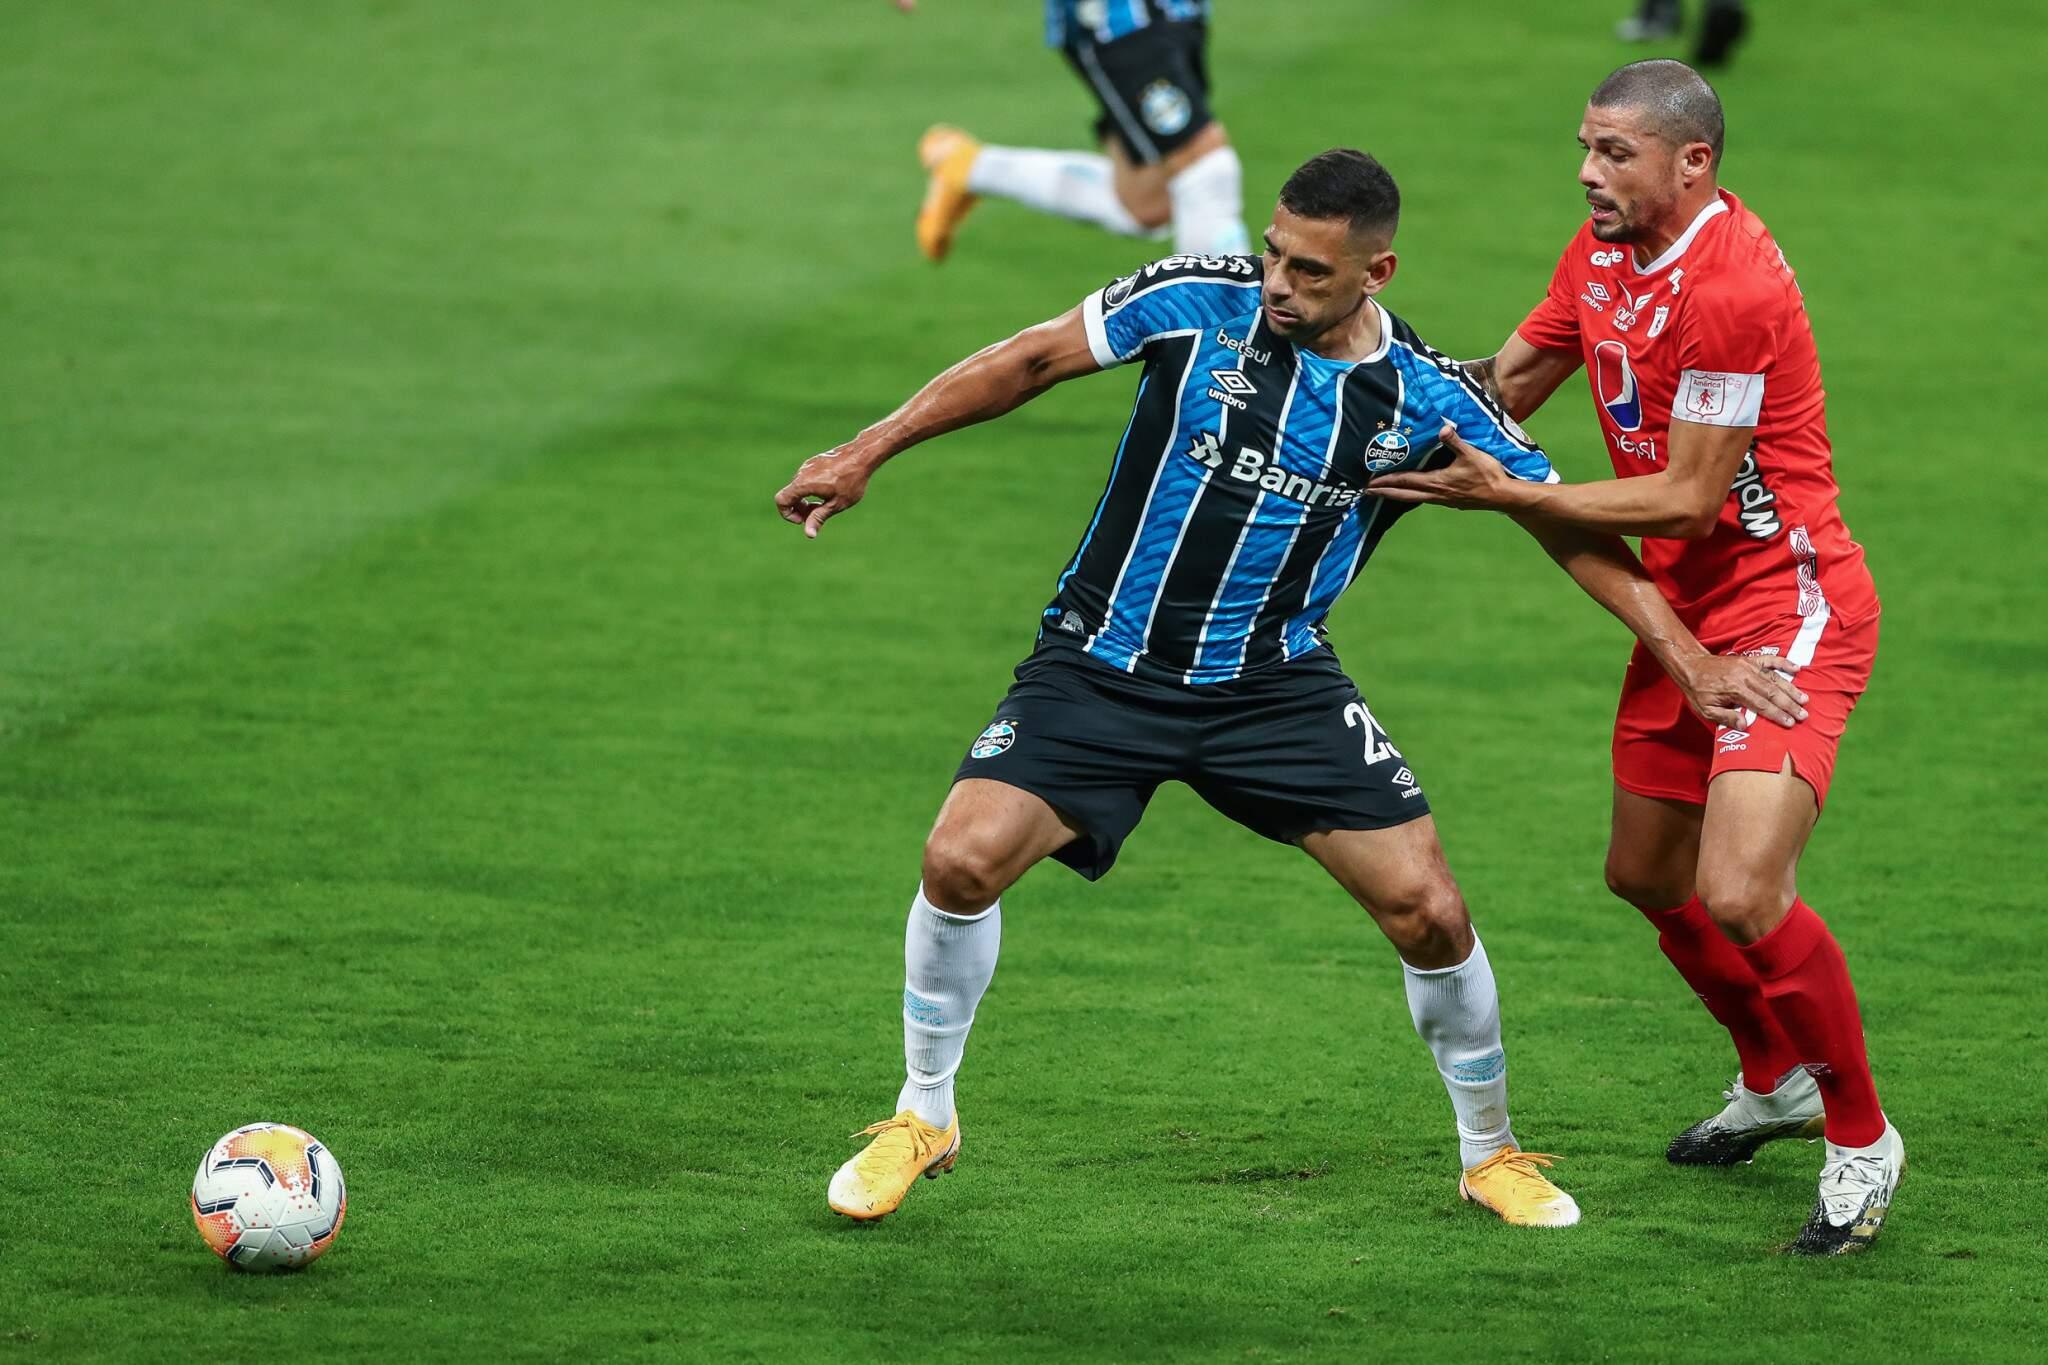 Disputa de bola durante a partida desta noite. (Foto: Lucas Uebel | Grêmio FBPA)